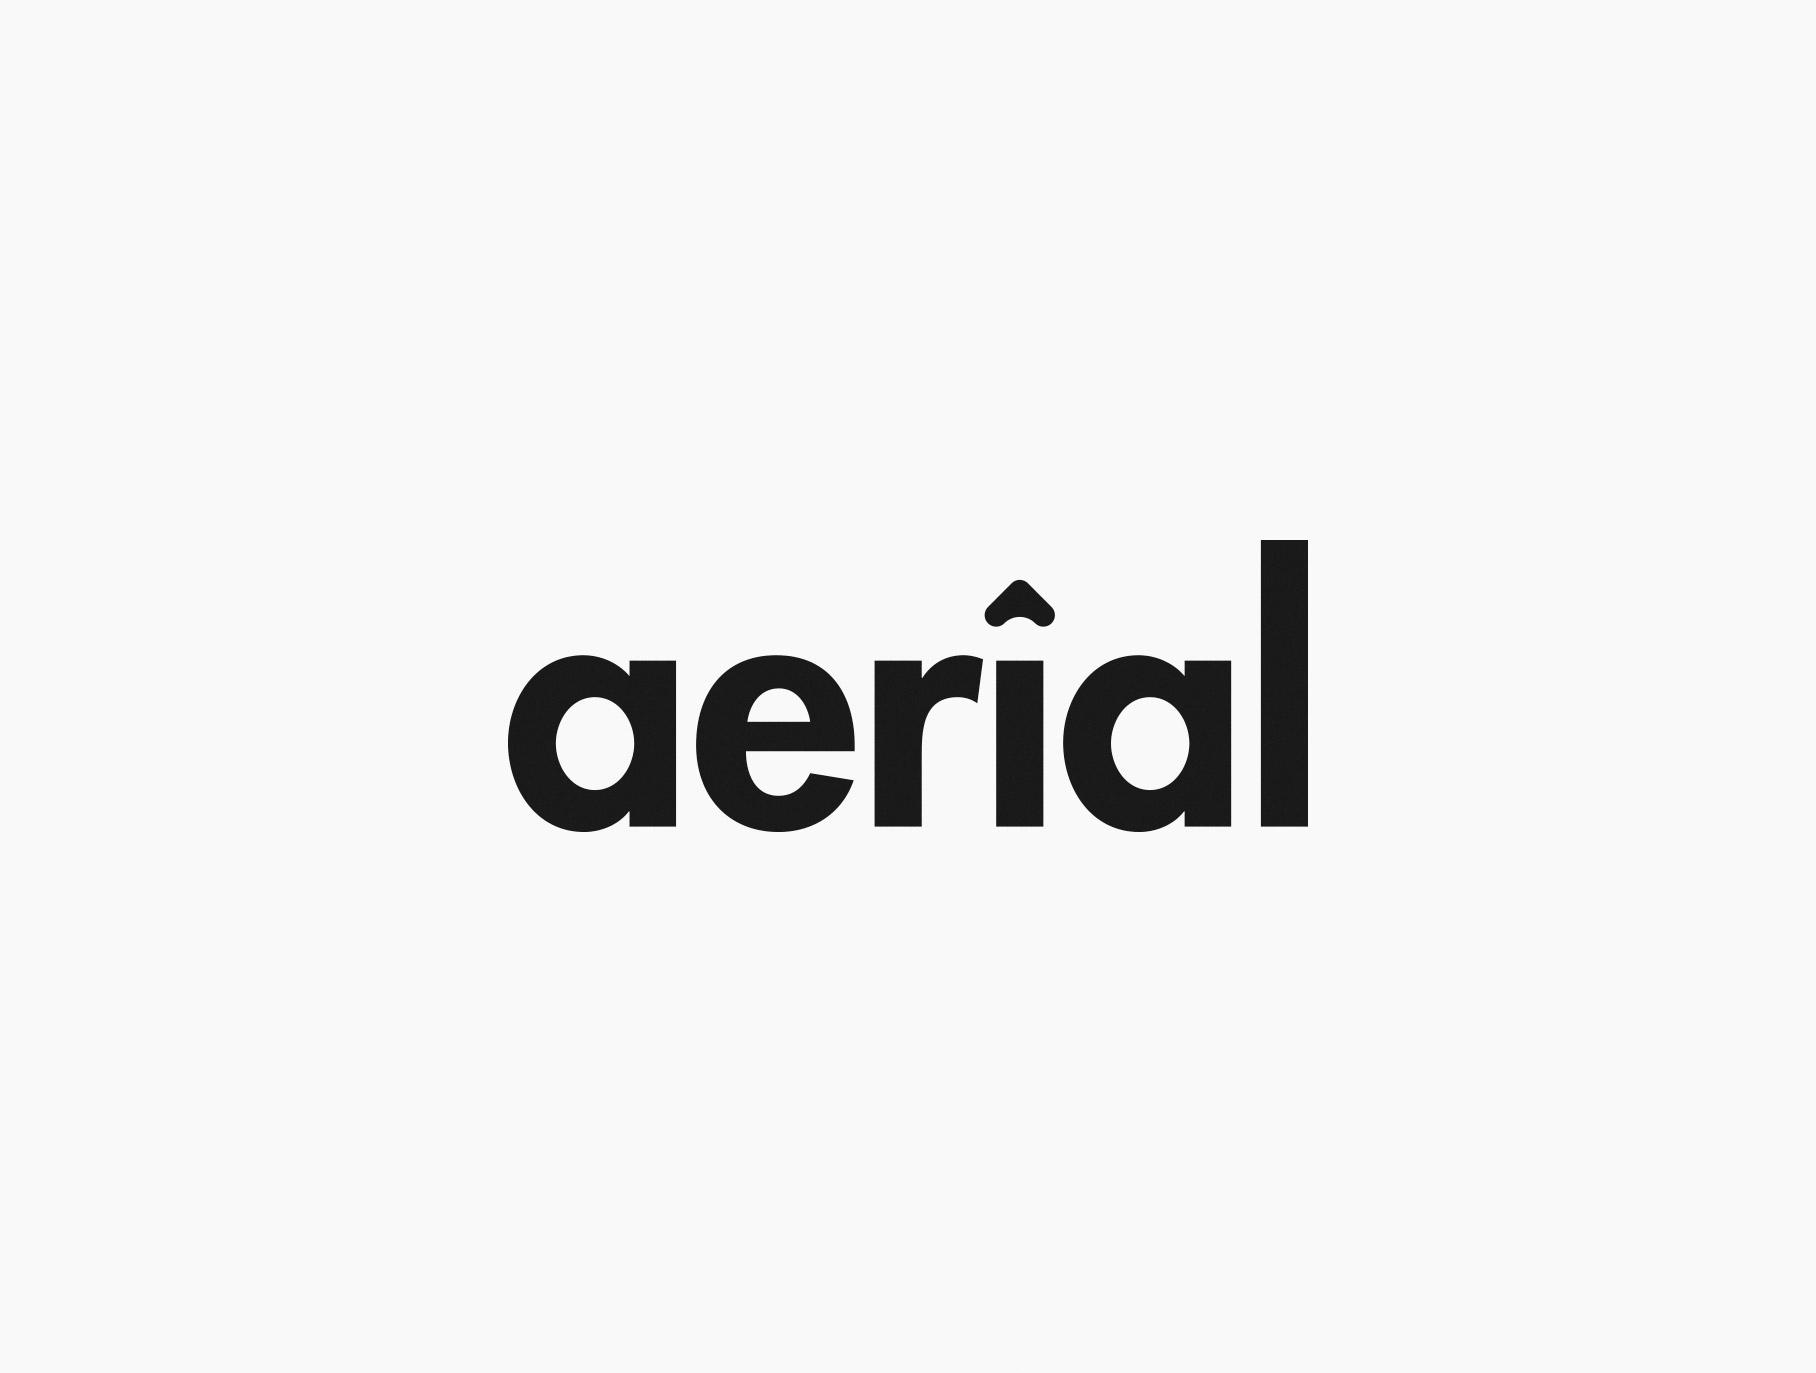 Aerial — W/